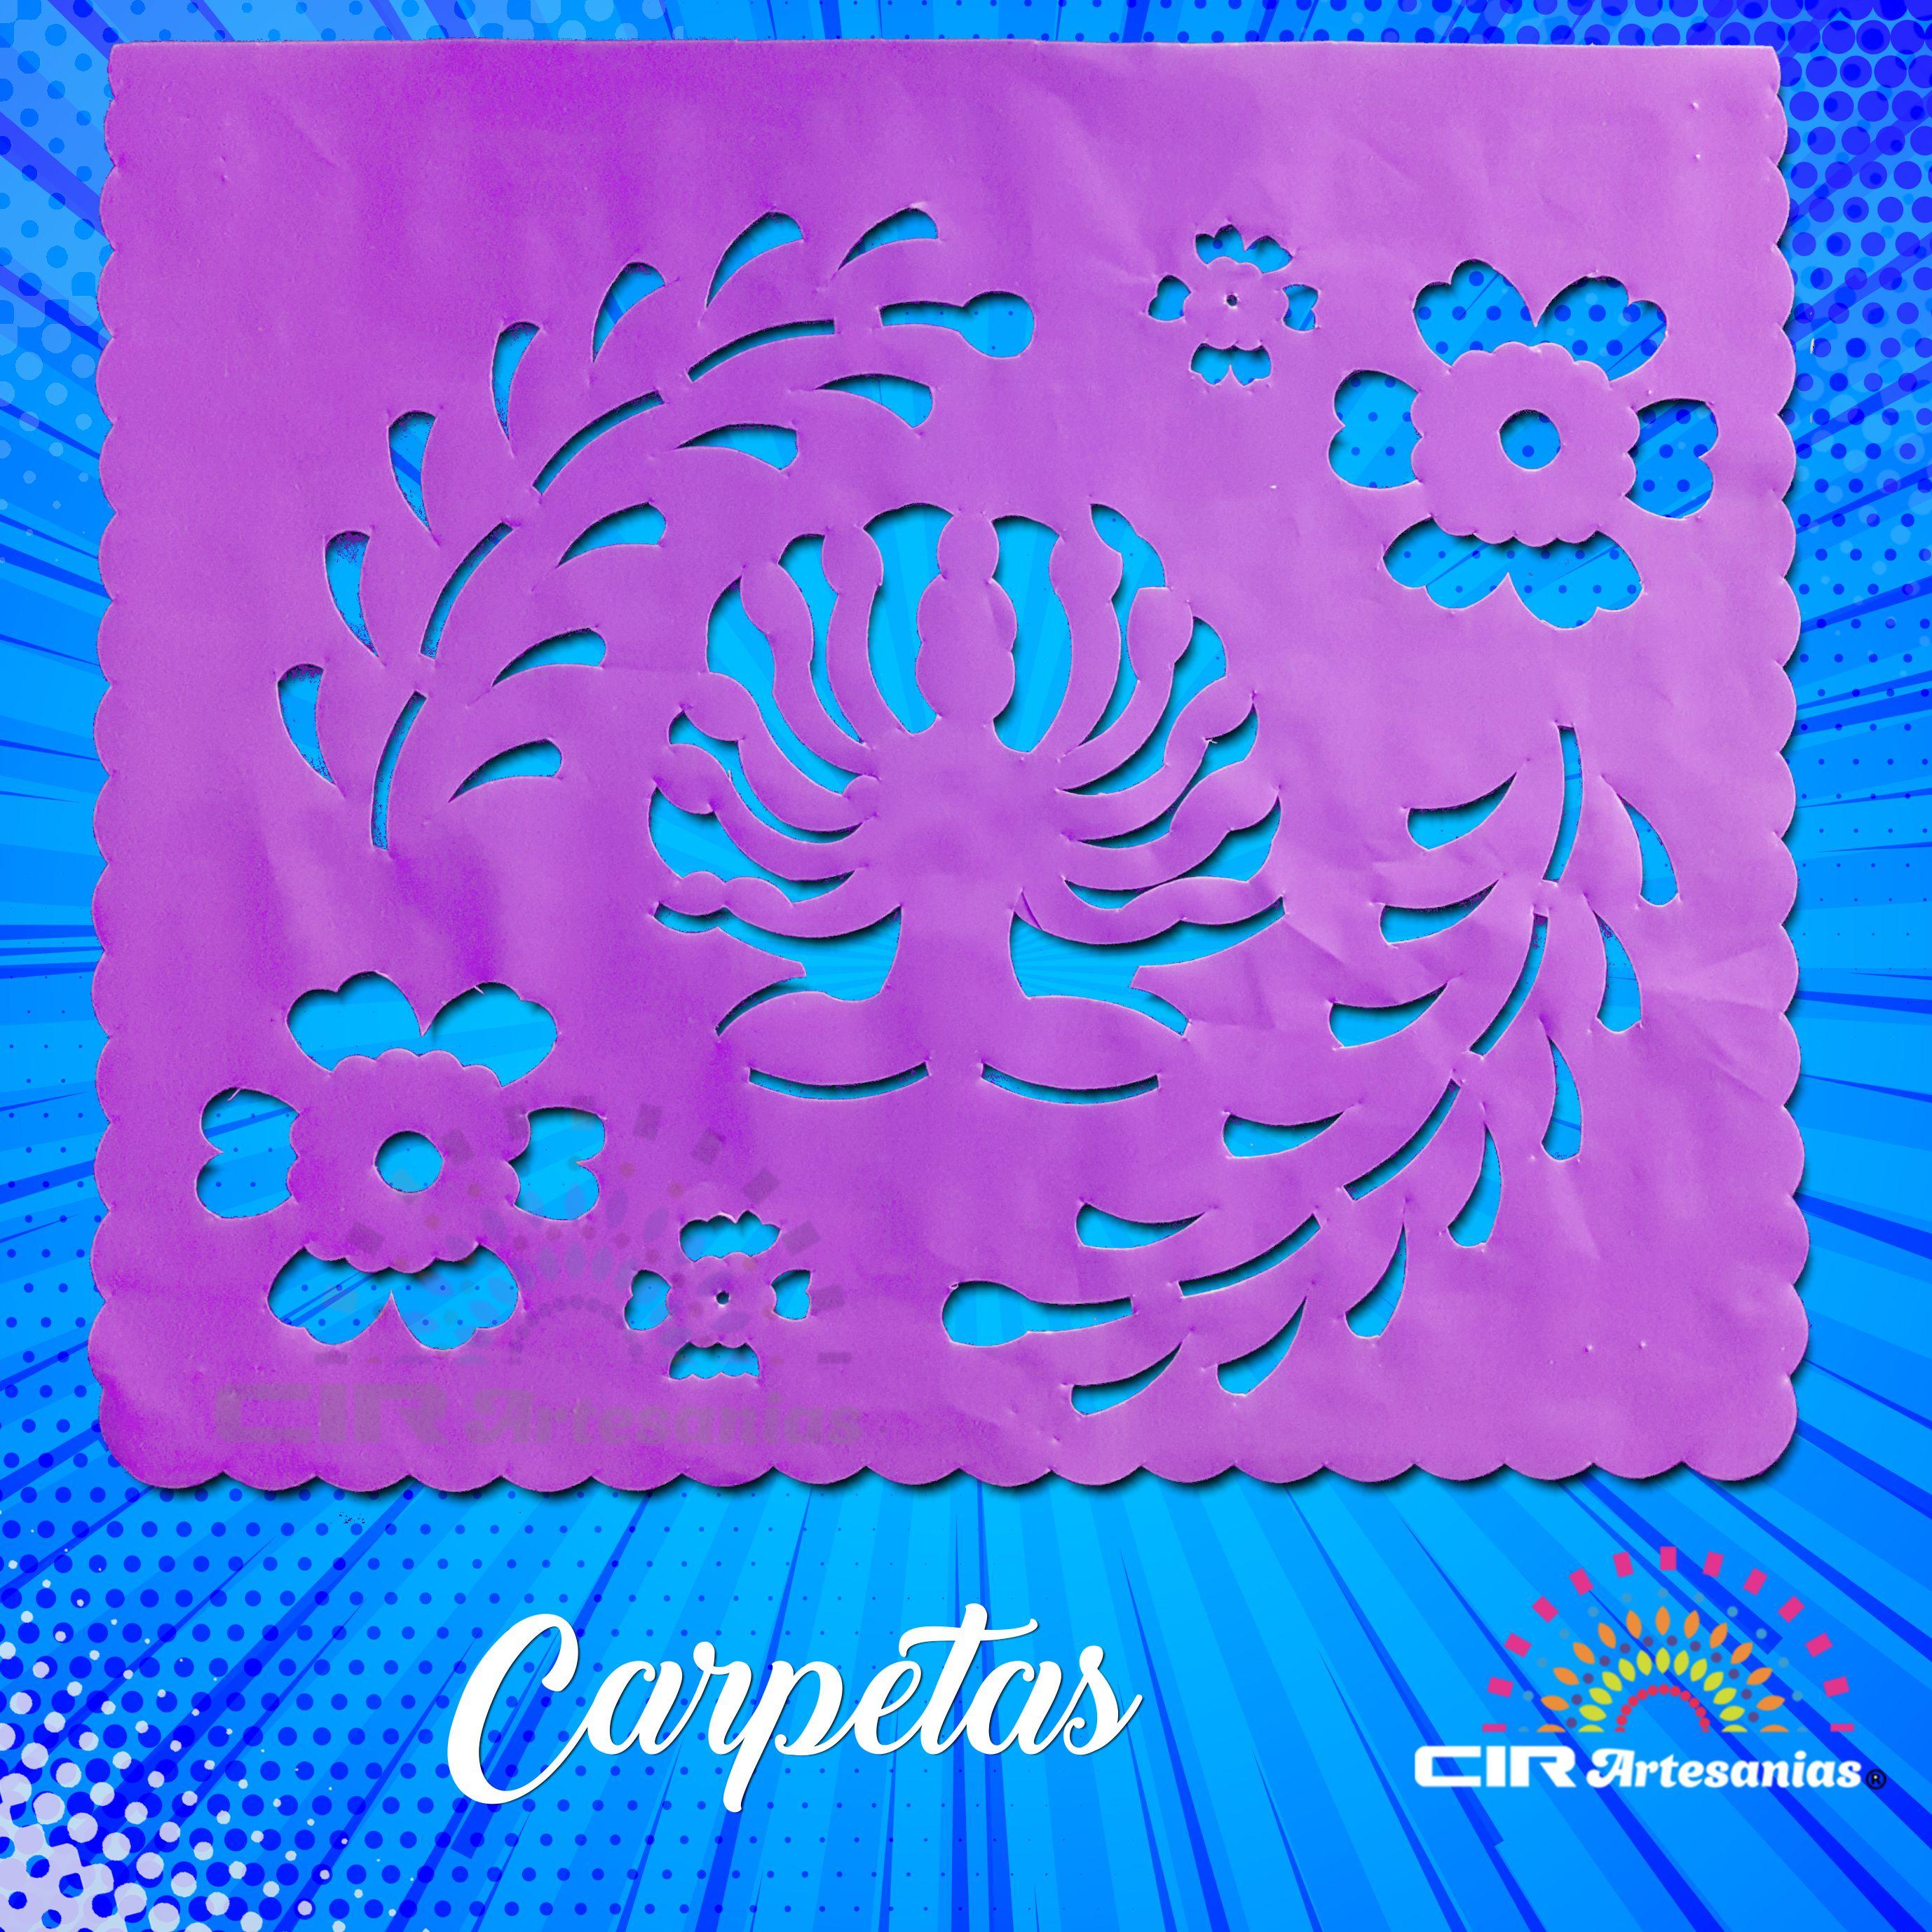 carpea